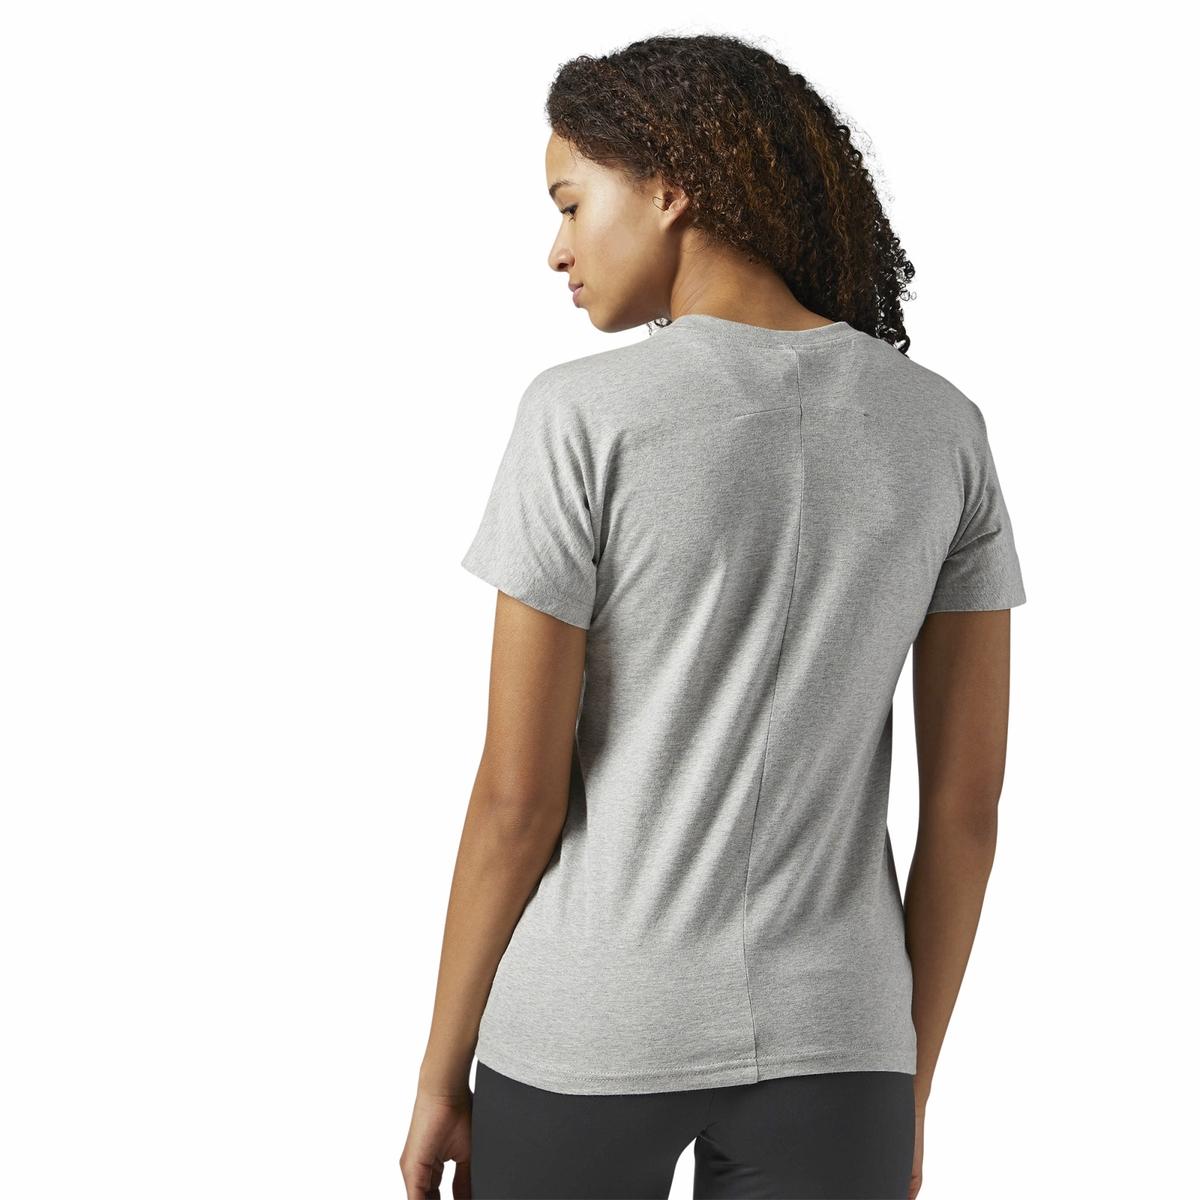 Imagen adicional 2 de producto de Camiseta Reebok Classics - Reebok